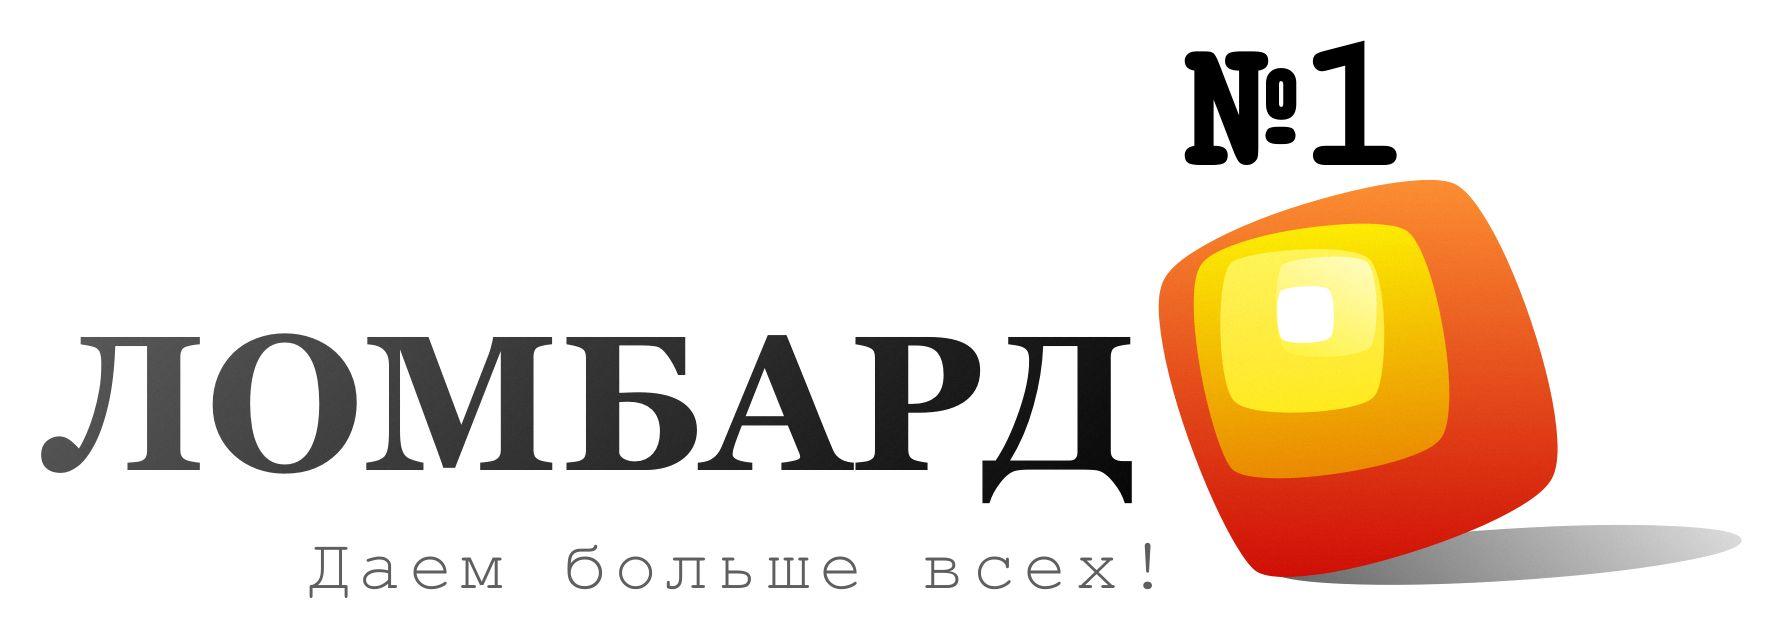 Дизайн логотипа Ломбард №1 - дизайнер BeSSpaloFF